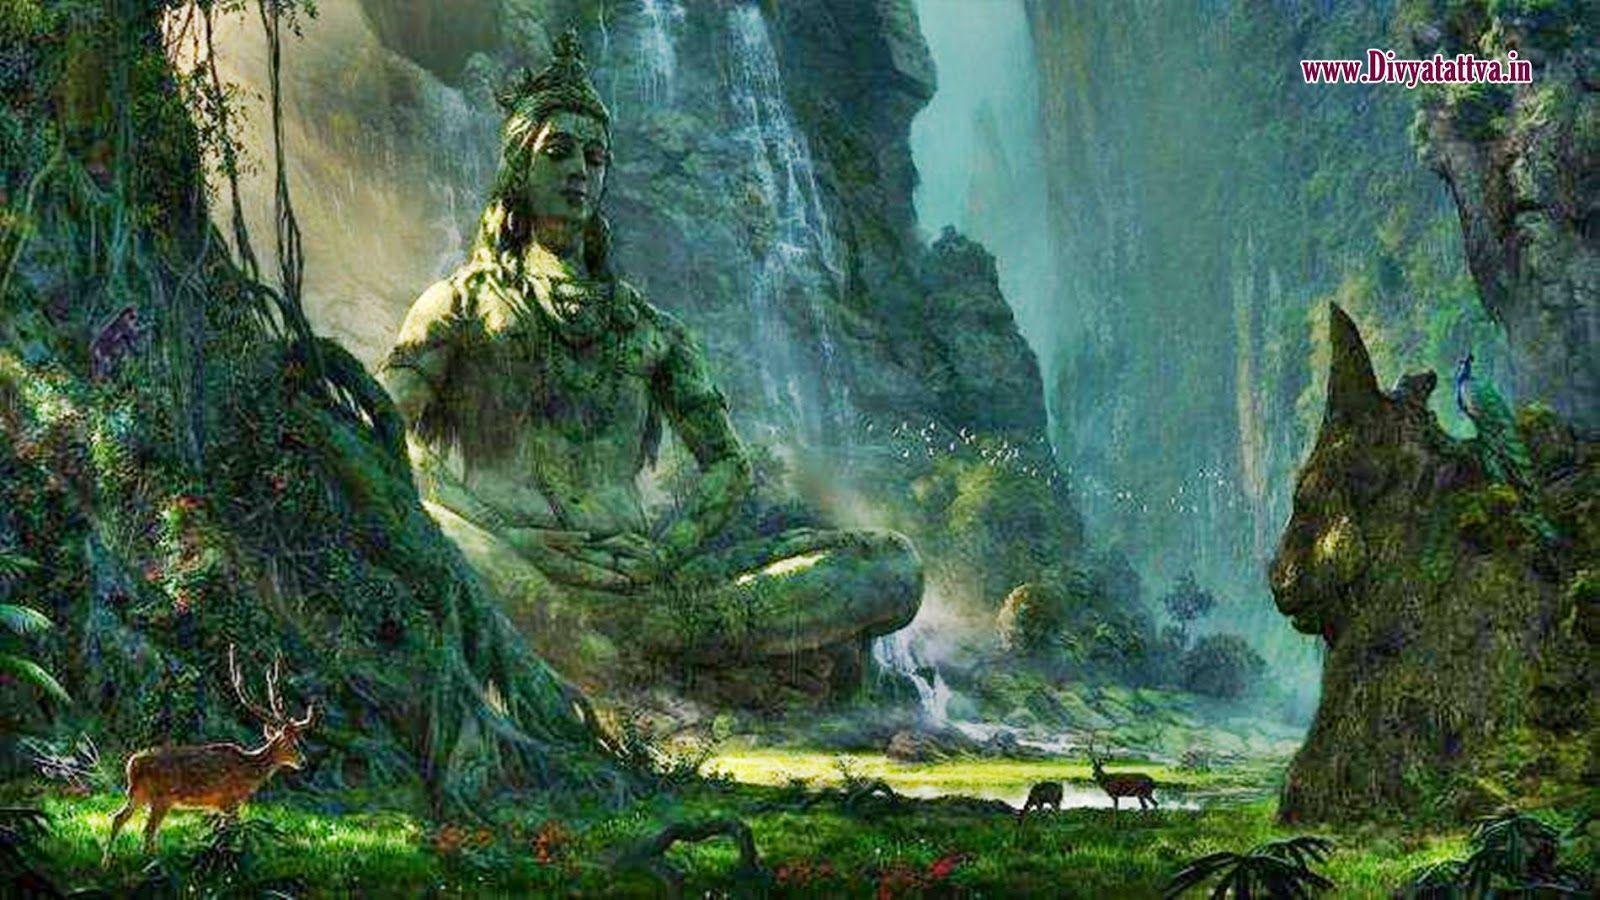 1600x900 Hình nền Chúa Siva tuyệt đẹp cho điện thoại di động - Chúa Shiva